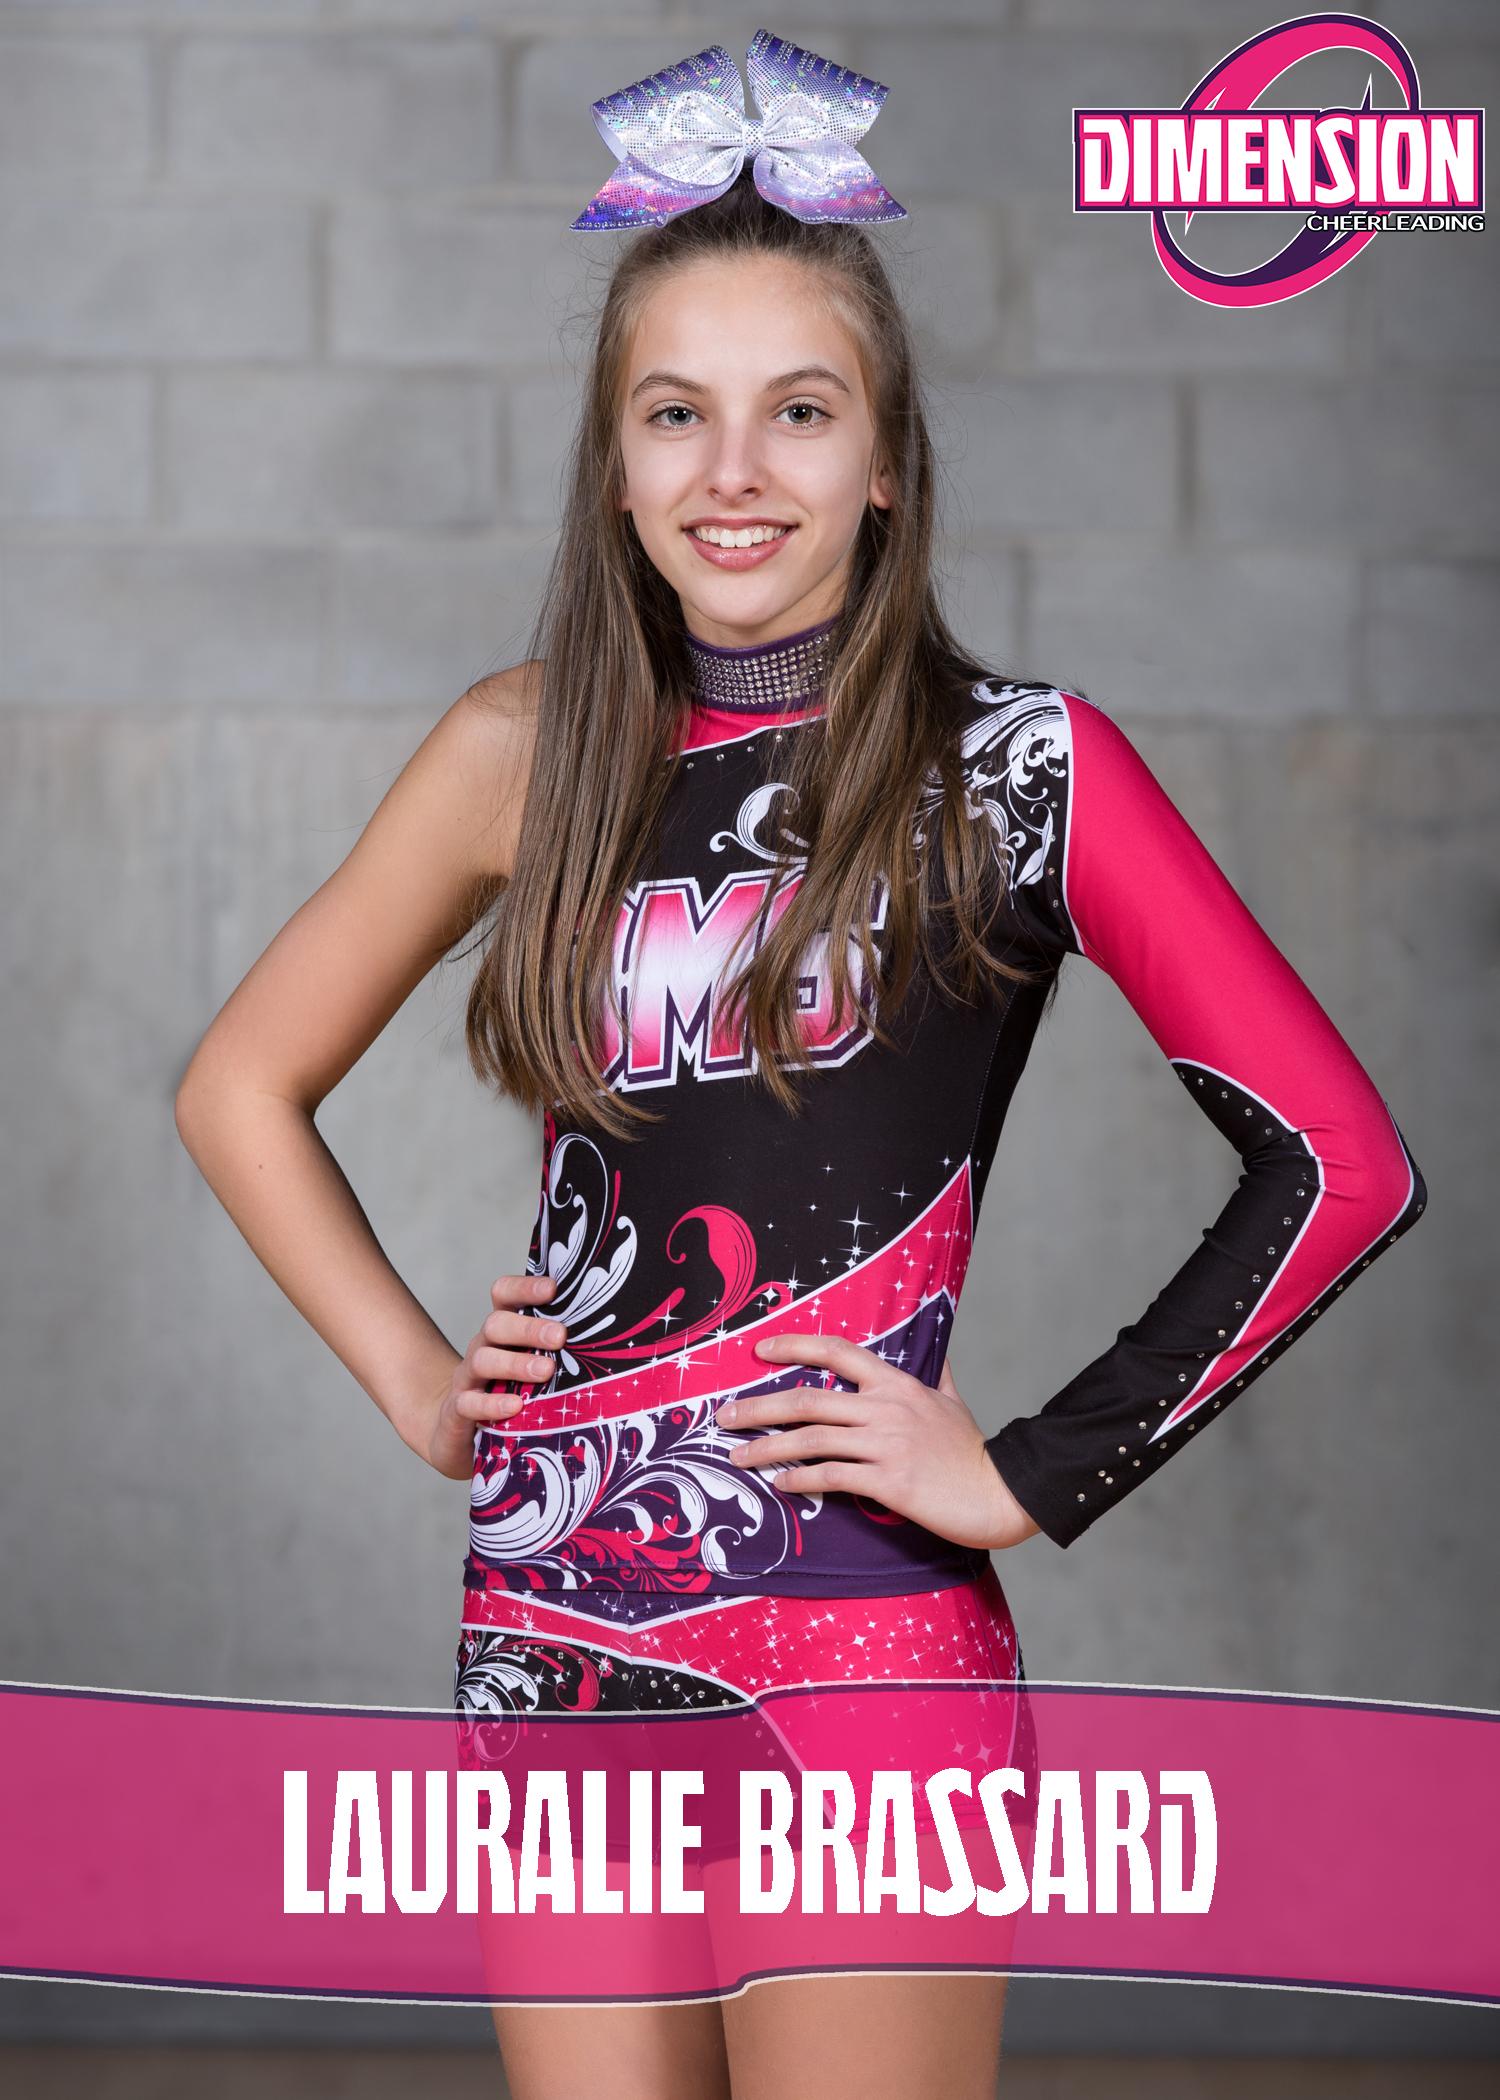 Lauralie Brassard